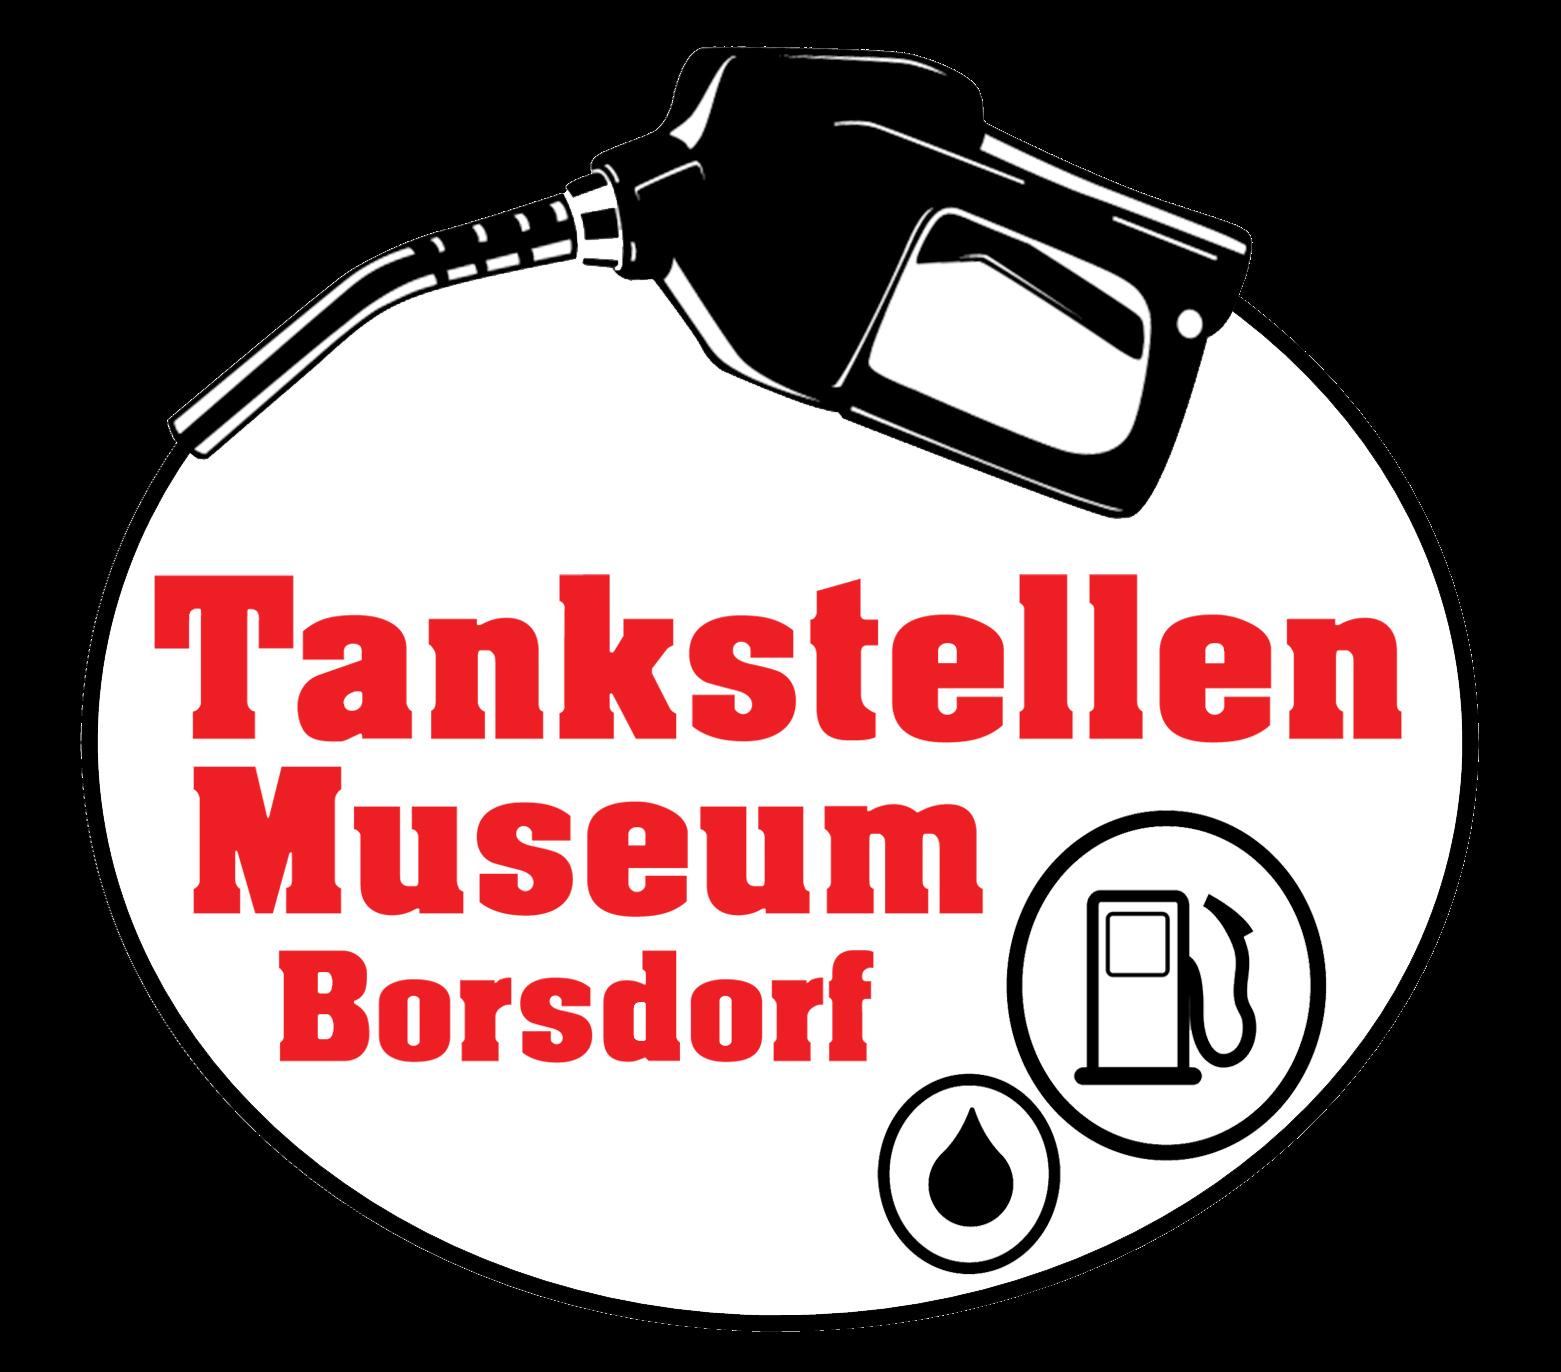 Tankstellenmuseum Borsdorf & Co.